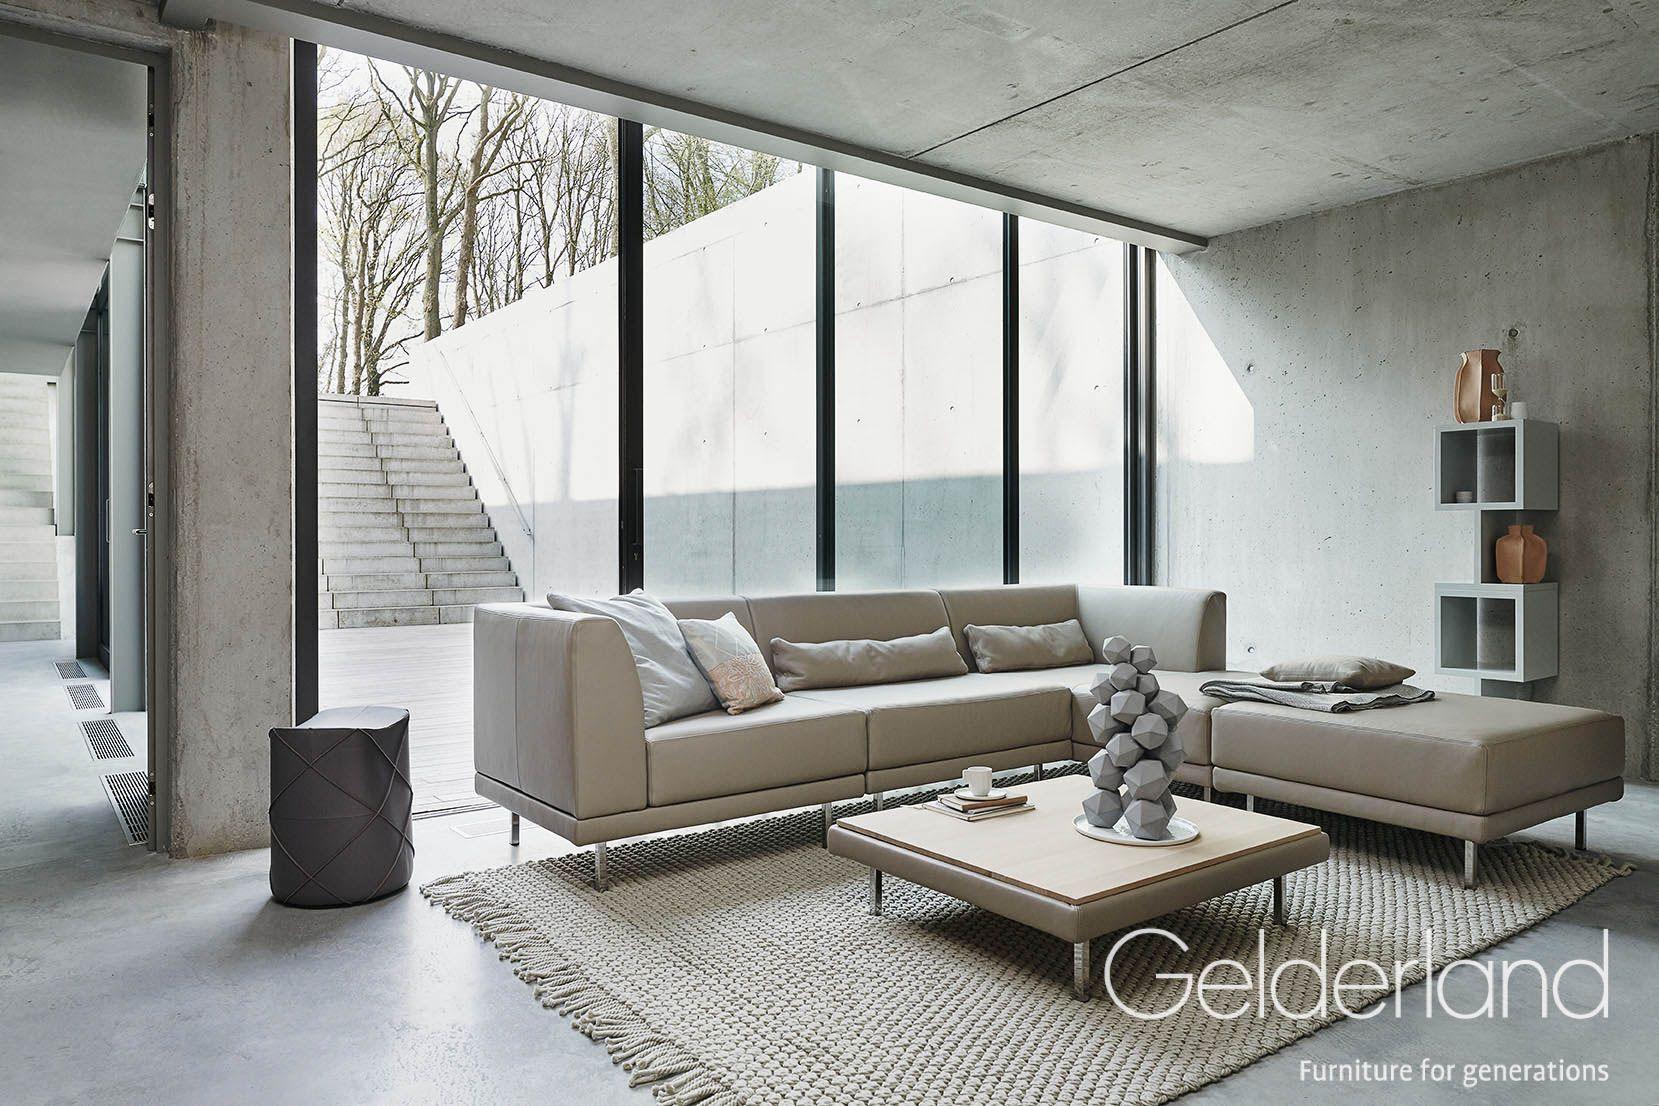 Gelderland- Van der Linde interieur | Gelderland | Pinterest